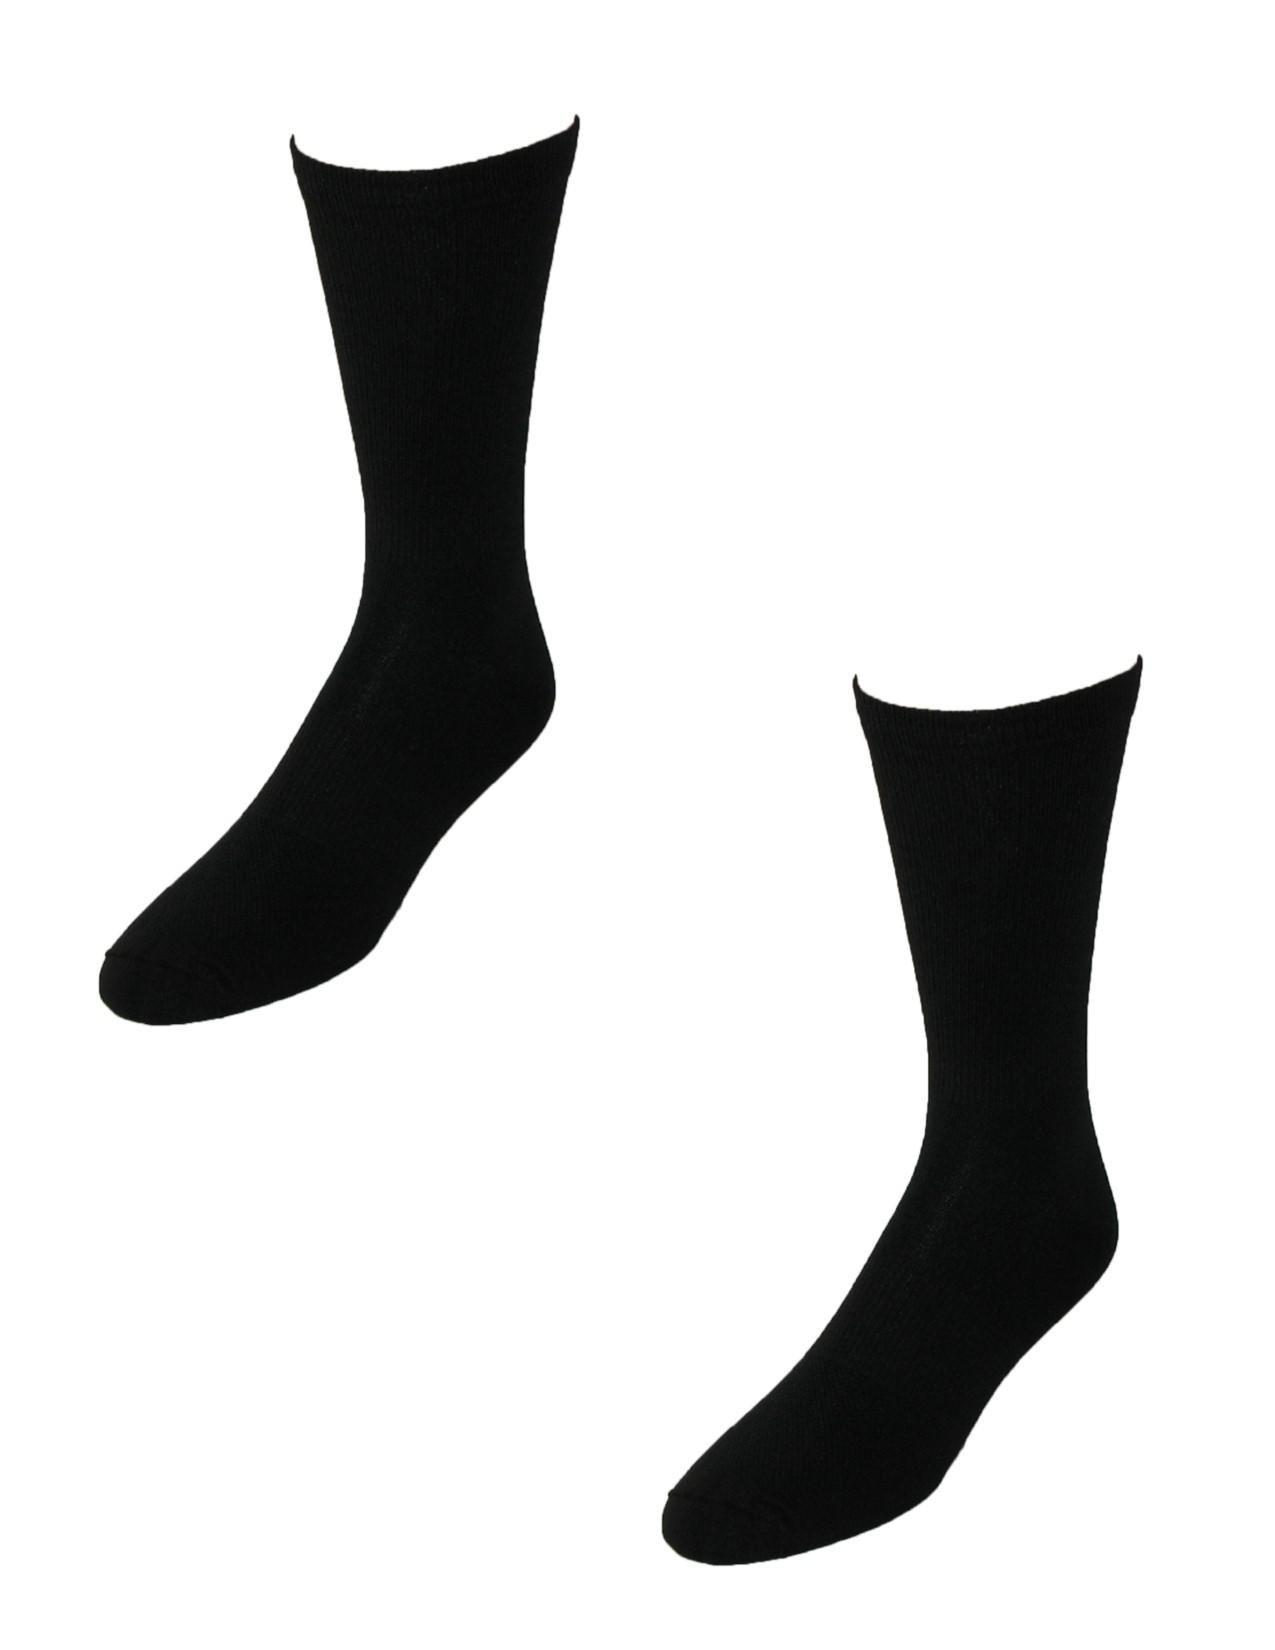 Tilley TA800 Dries Overnight Travel Socks (Pack of 2), Medium, Black